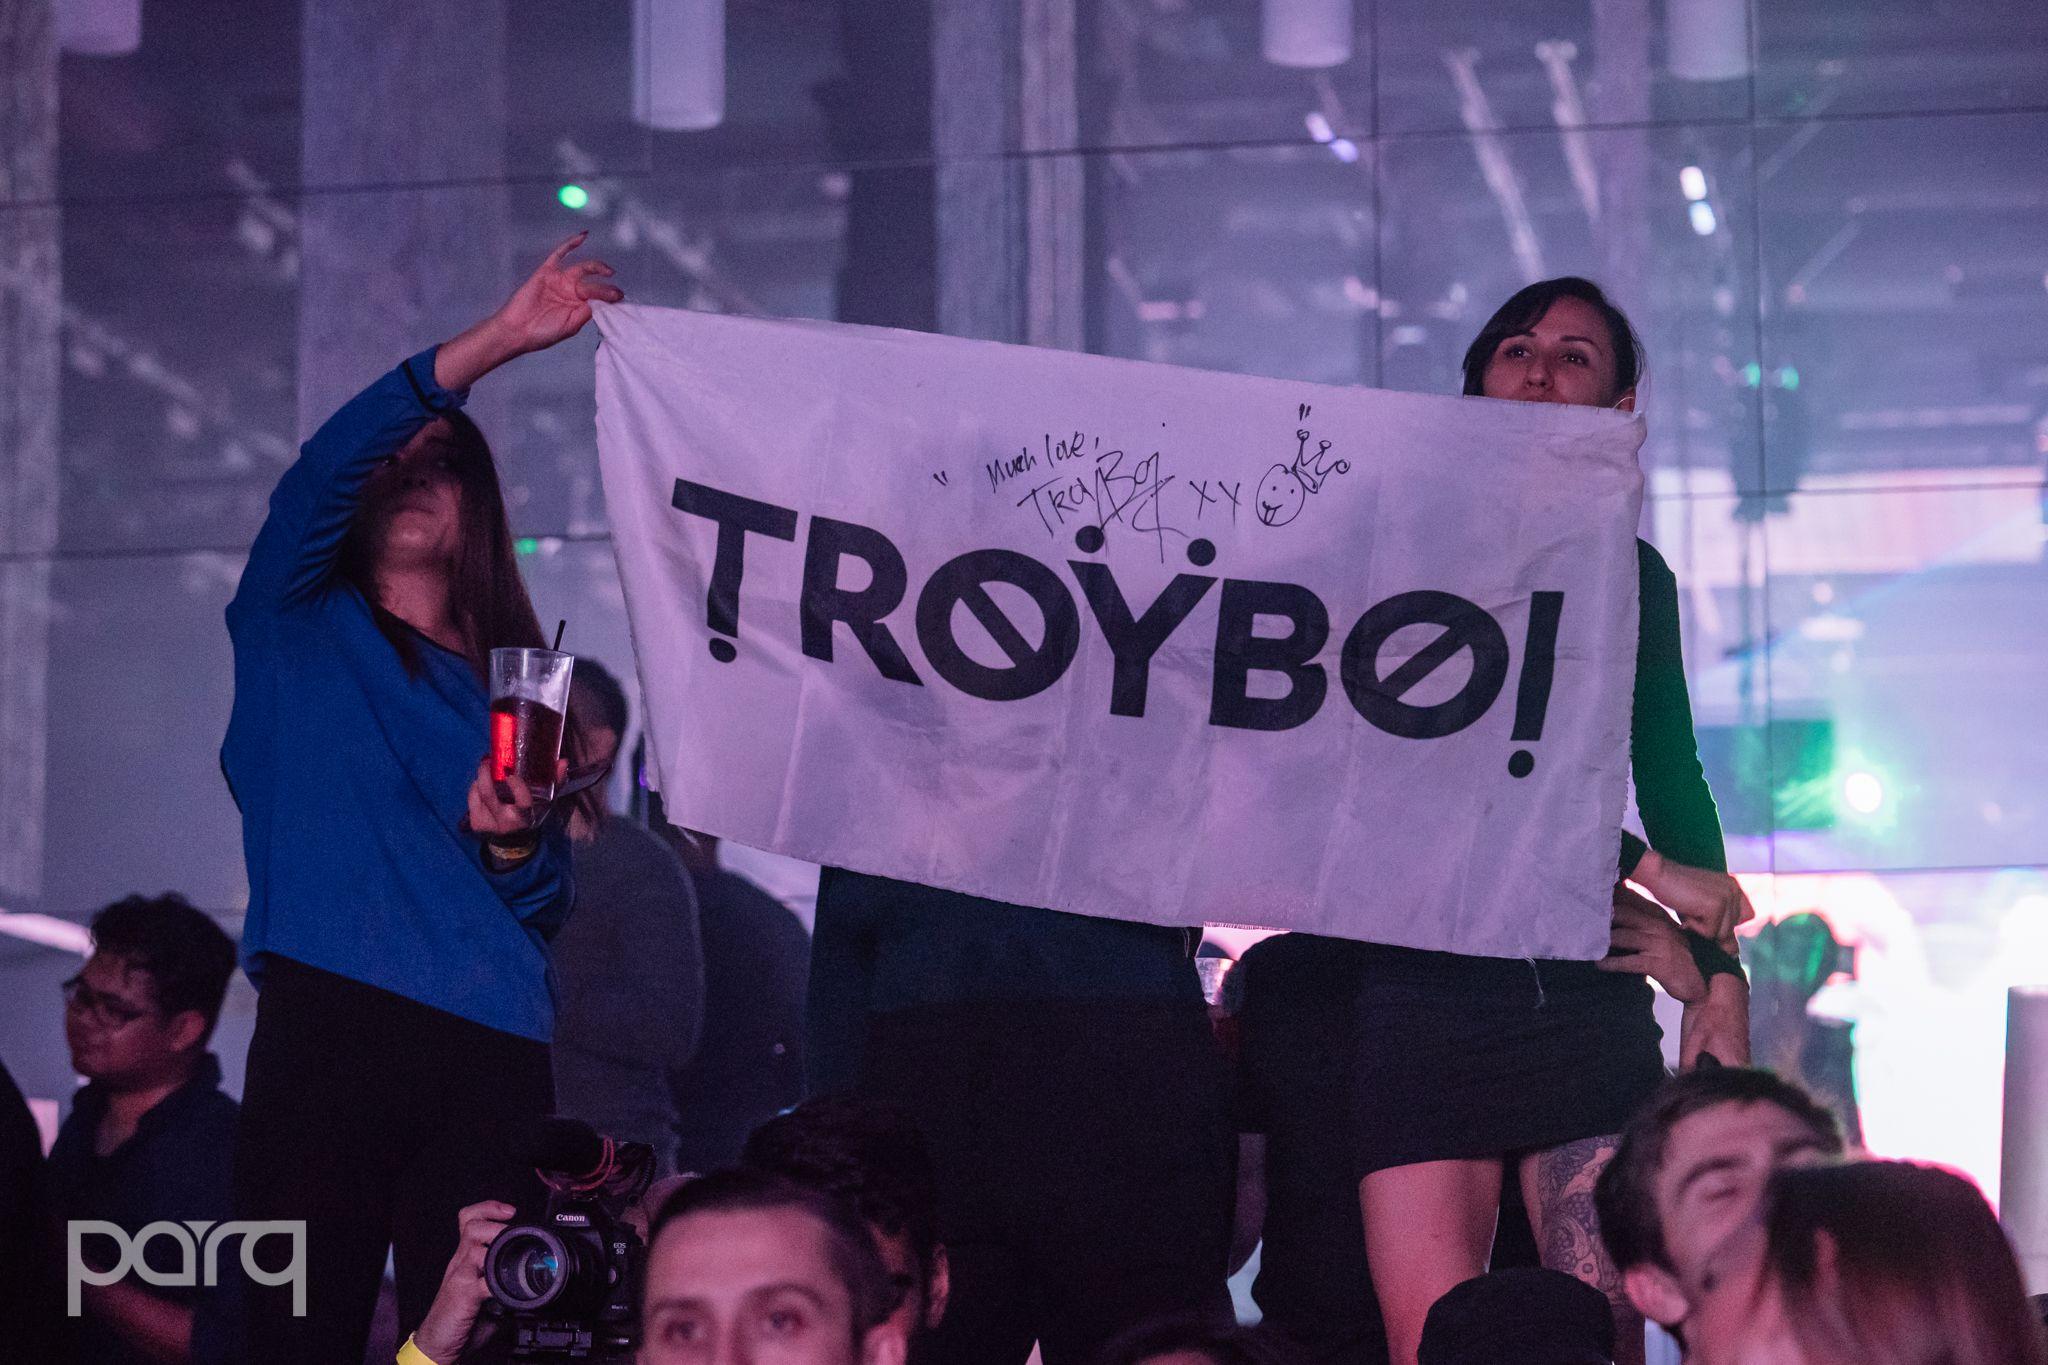 11.21.18 Parq - Troy Boi-20.jpg